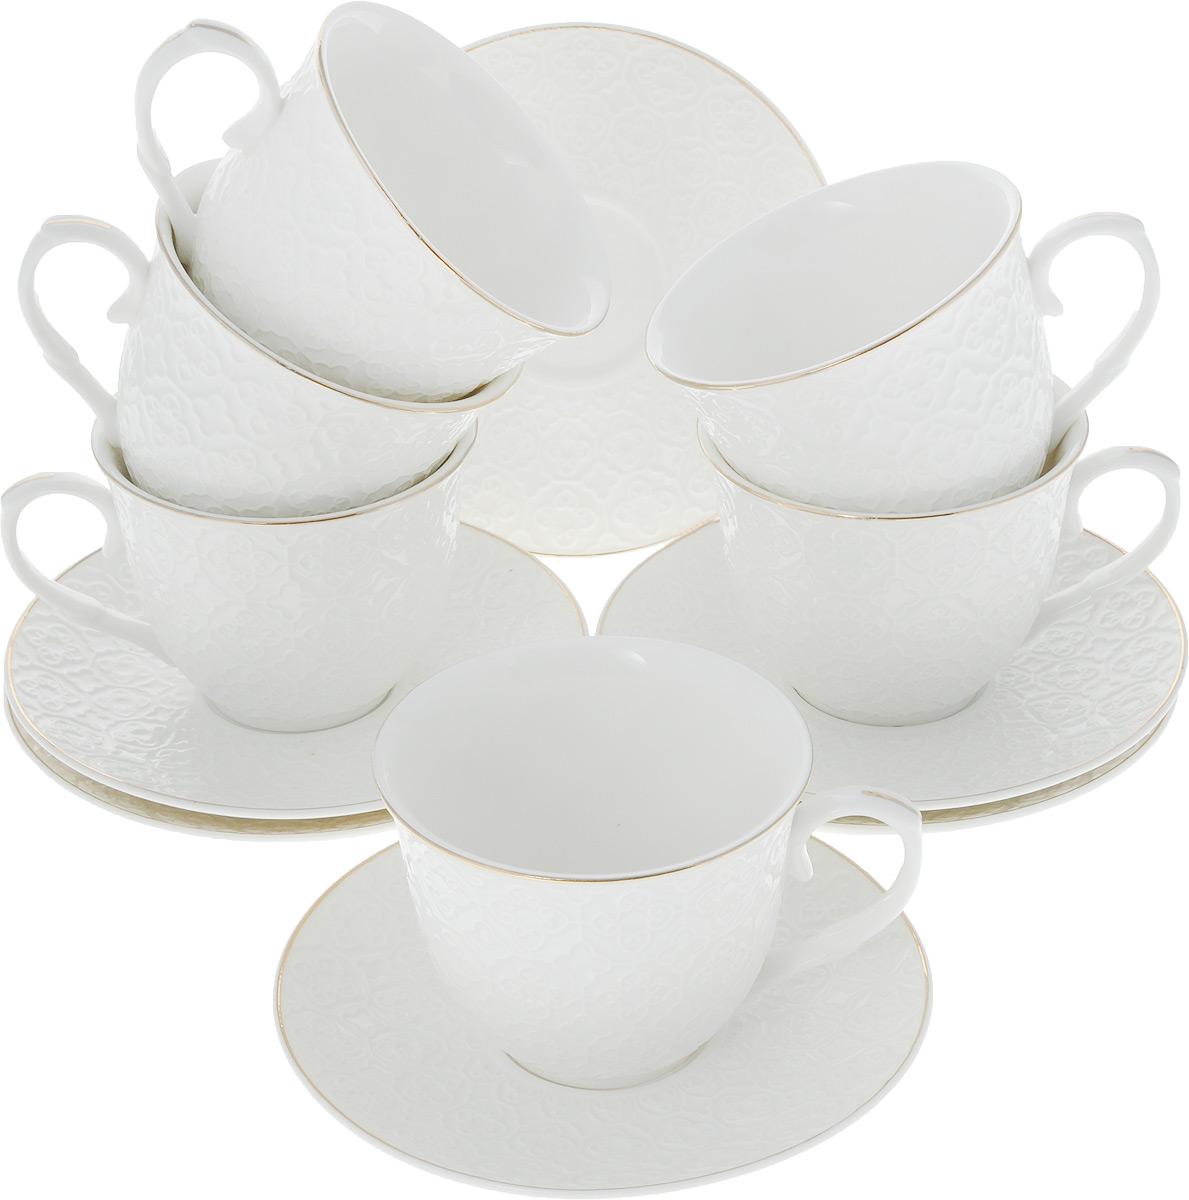 Сервиз чайный Loraine, 12 предметов. 26504115510Чайный сервиз Loraine на 6 персон выполнен из высококачественного костяного фарфора - материала, безопасного для здоровья и надолго сохраняющего тепло напитка. В наборе 6 чашек и 6 блюдец. Несмотря на свою внешнюю хрупкость, каждый из предметов набора обладает высокой прочностью и надежностью. Изделия украшены тонкой золотой каймой, внешние стенки дополнены изысканным рельефным орнаментом. Такой чайный набор станет украшением стола, а процесс чаепития превратится в одно удовольствие!Набор упакован в подарочную коробку, поэтому его можно преподнести в качестве оригинального и практичного подарка для родных и близких. Объем чашки: 200 мл. Диаметр чашки (по верхнему краю): 8,5 см. Высота чашки: 7 см. Диаметр блюдца: 13,5 см.